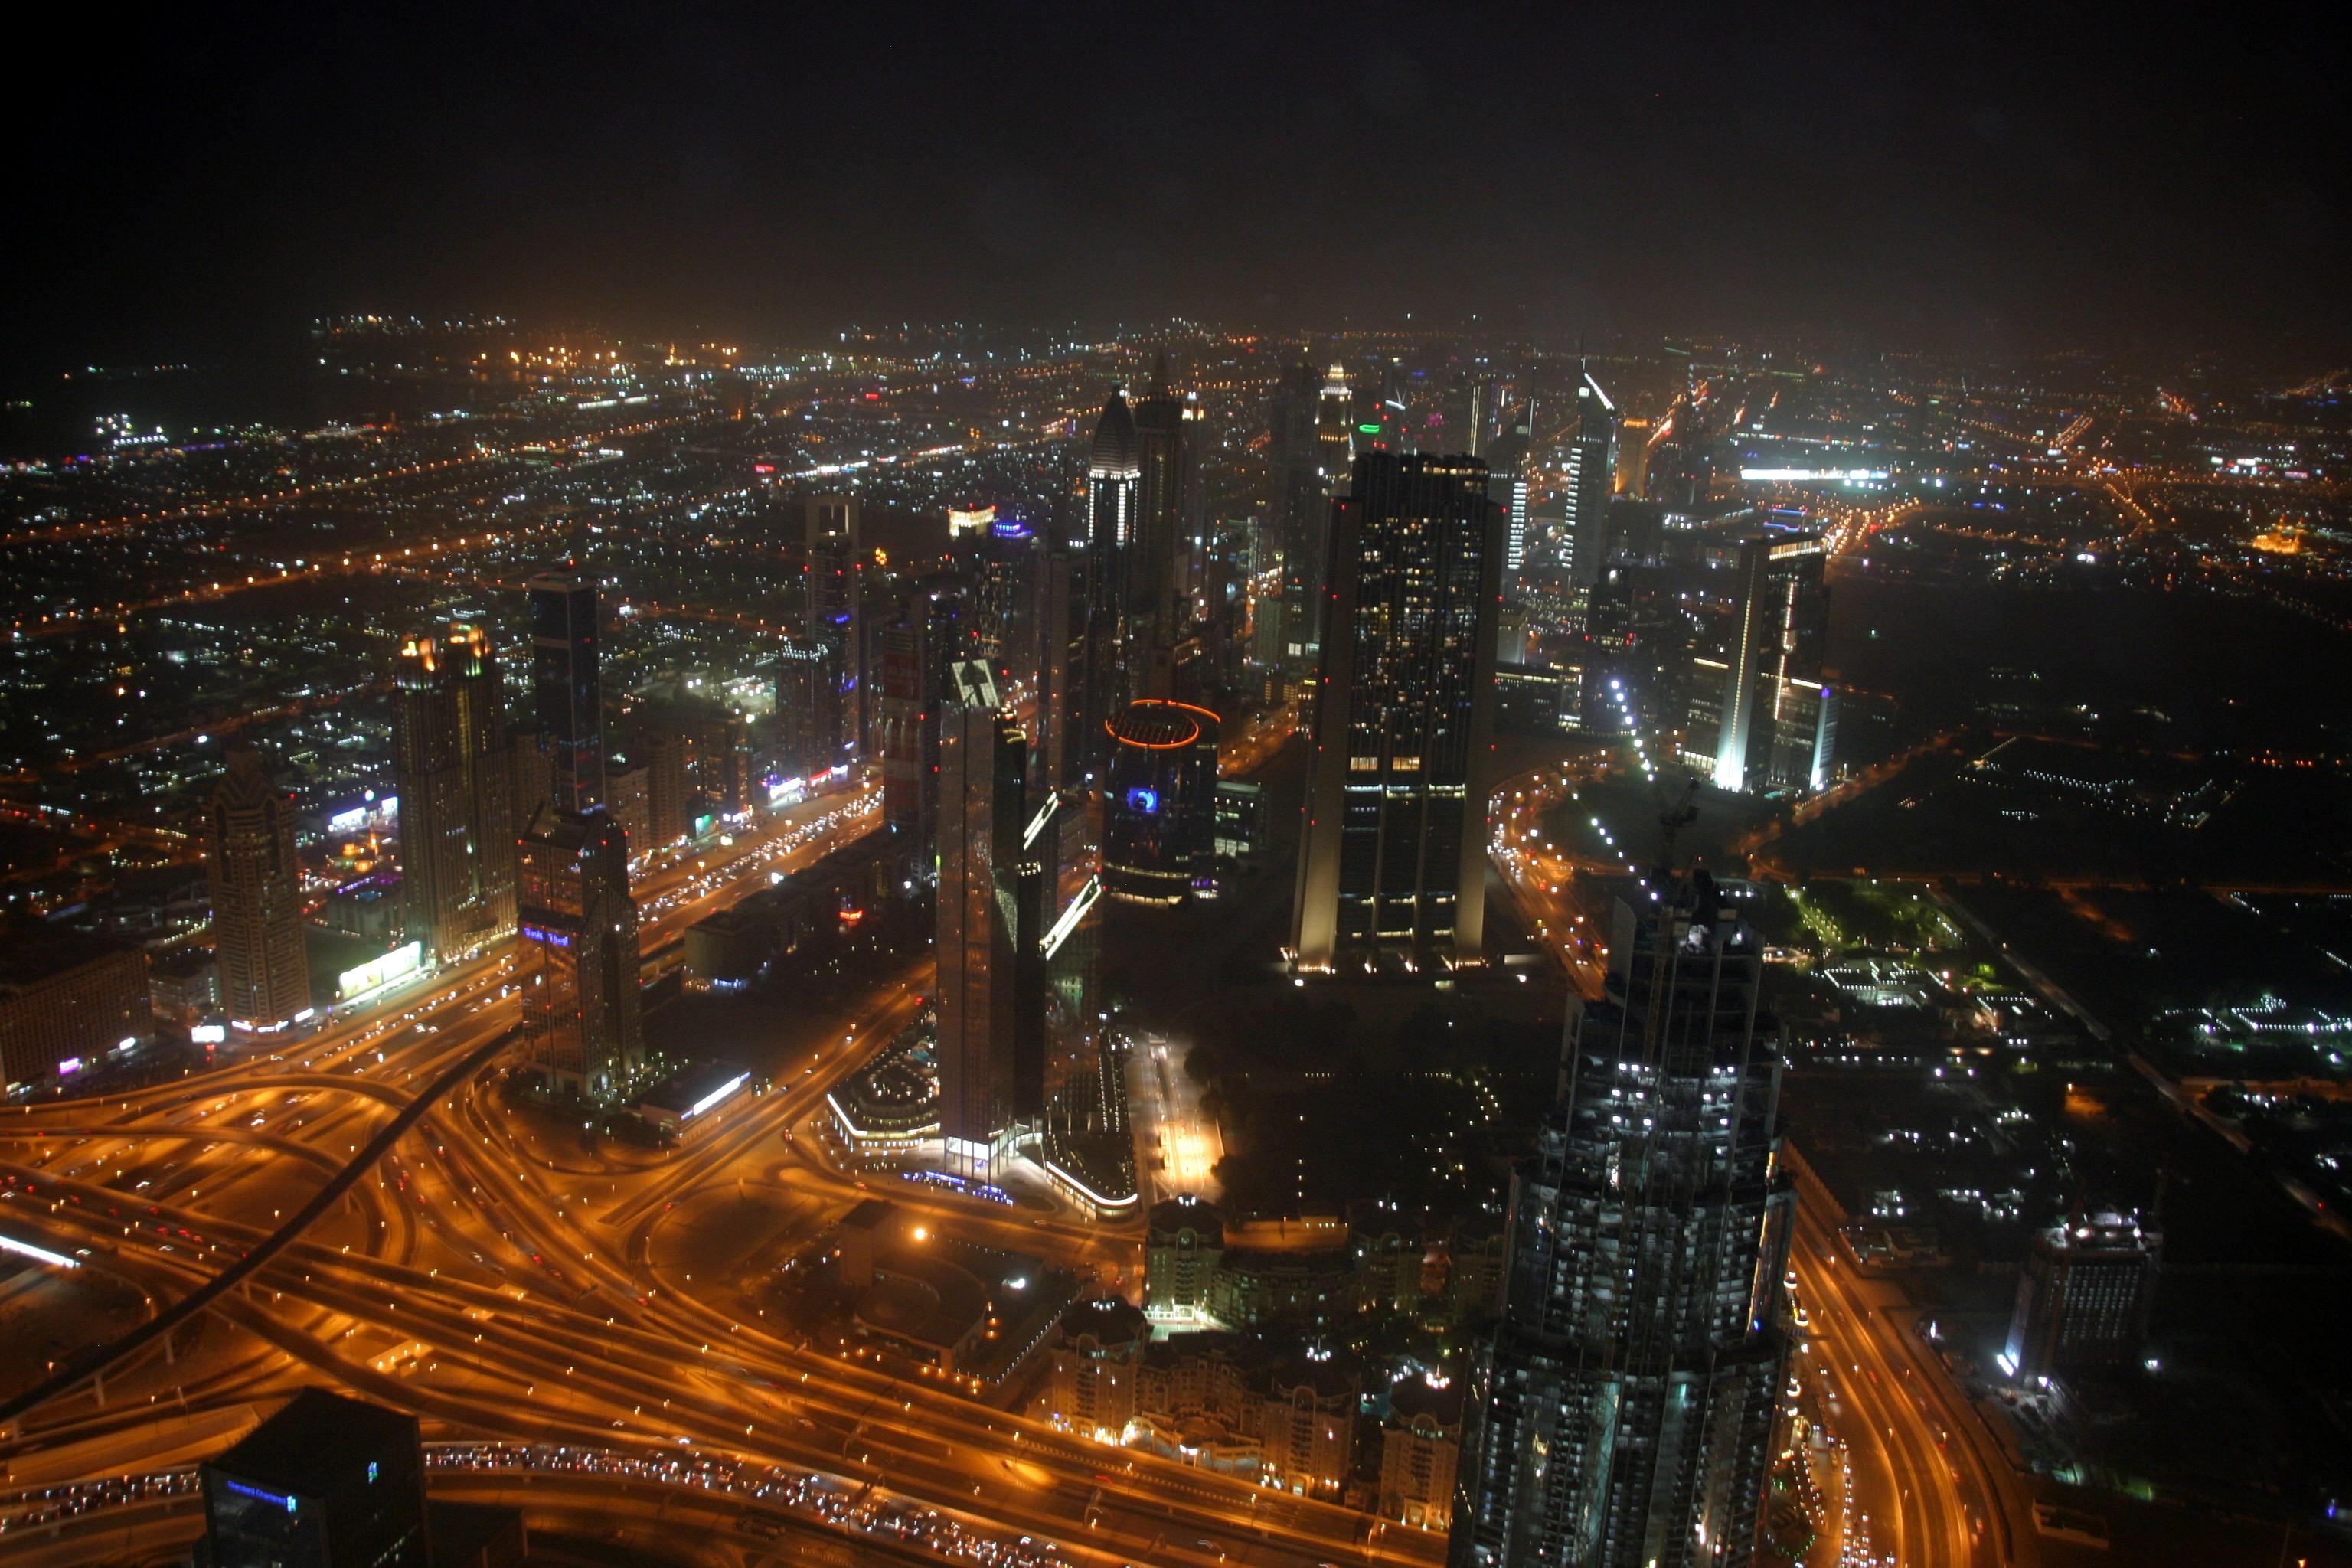 Dubaj esti panorámája a világ legmagasabb felhőkarcolójából